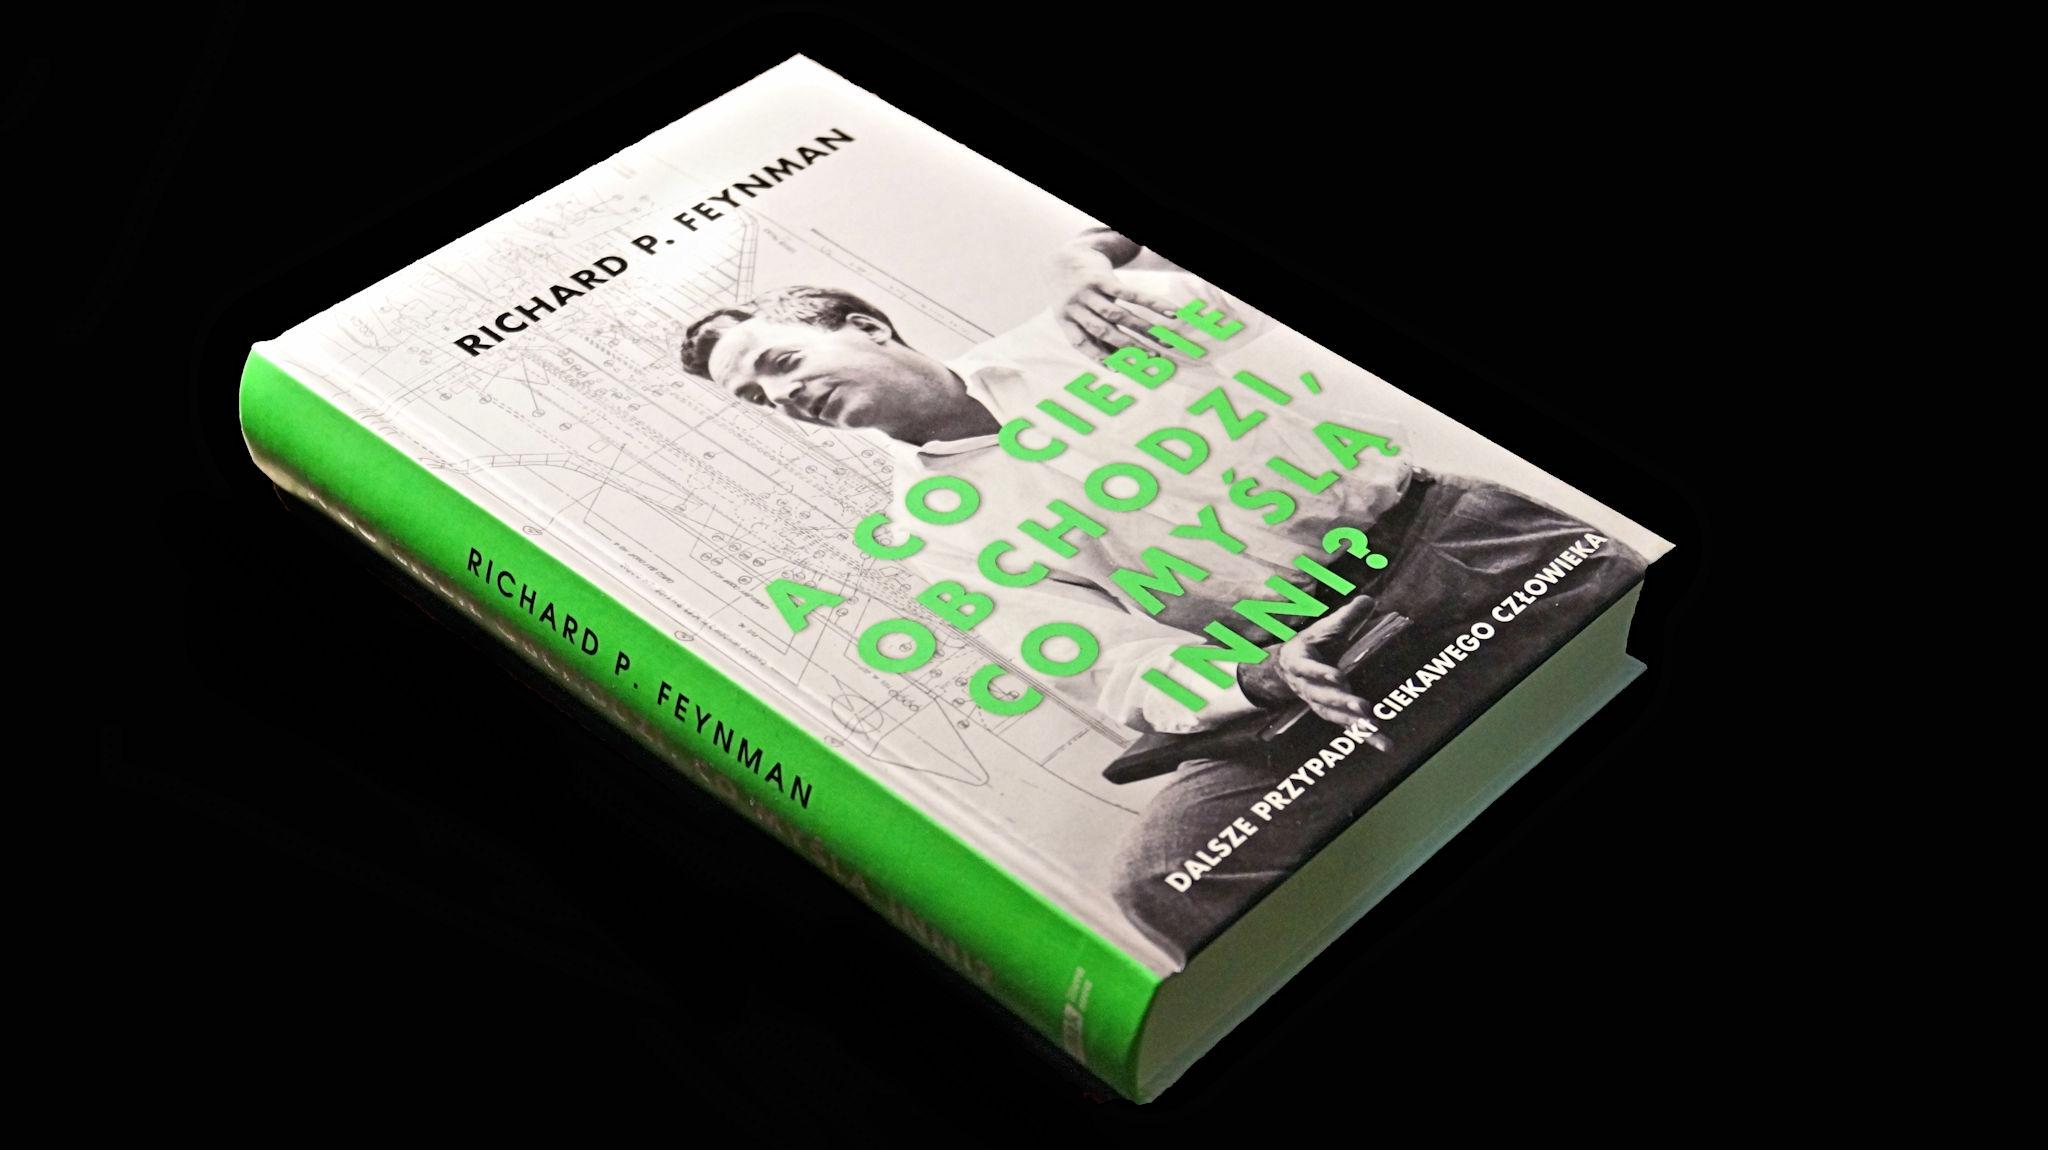 """""""A co ciebie obchodzi, co myślą inni"""" - recenzja książki"""